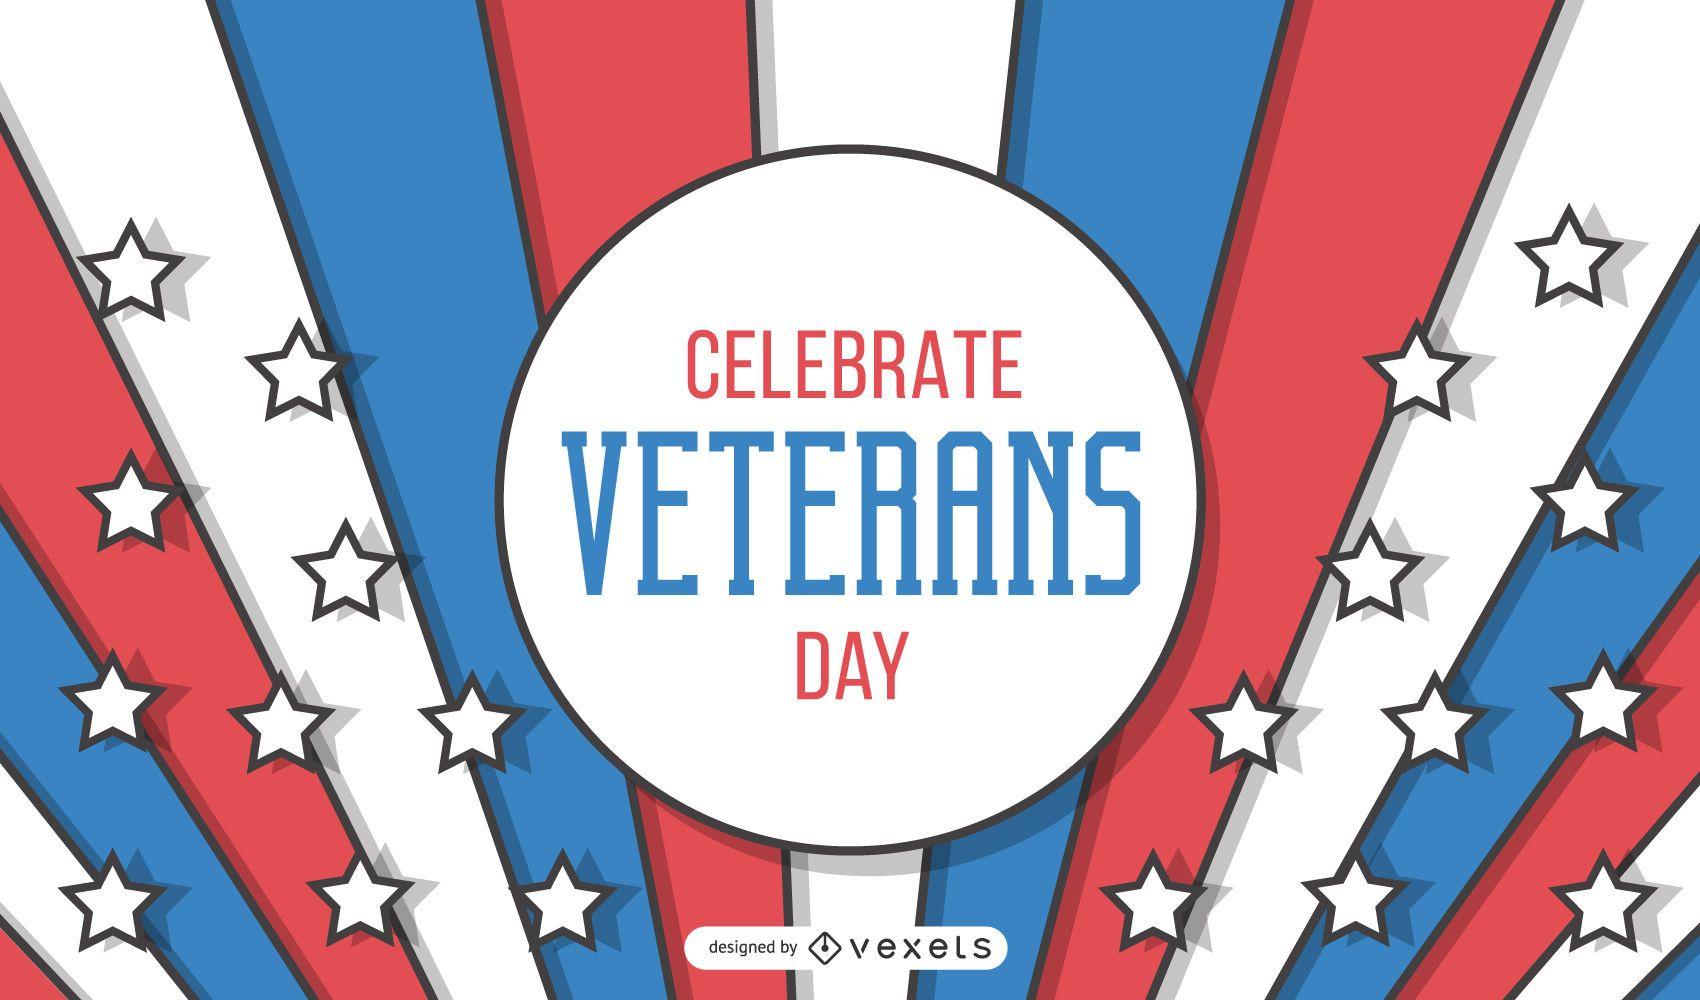 Veterans day banner design